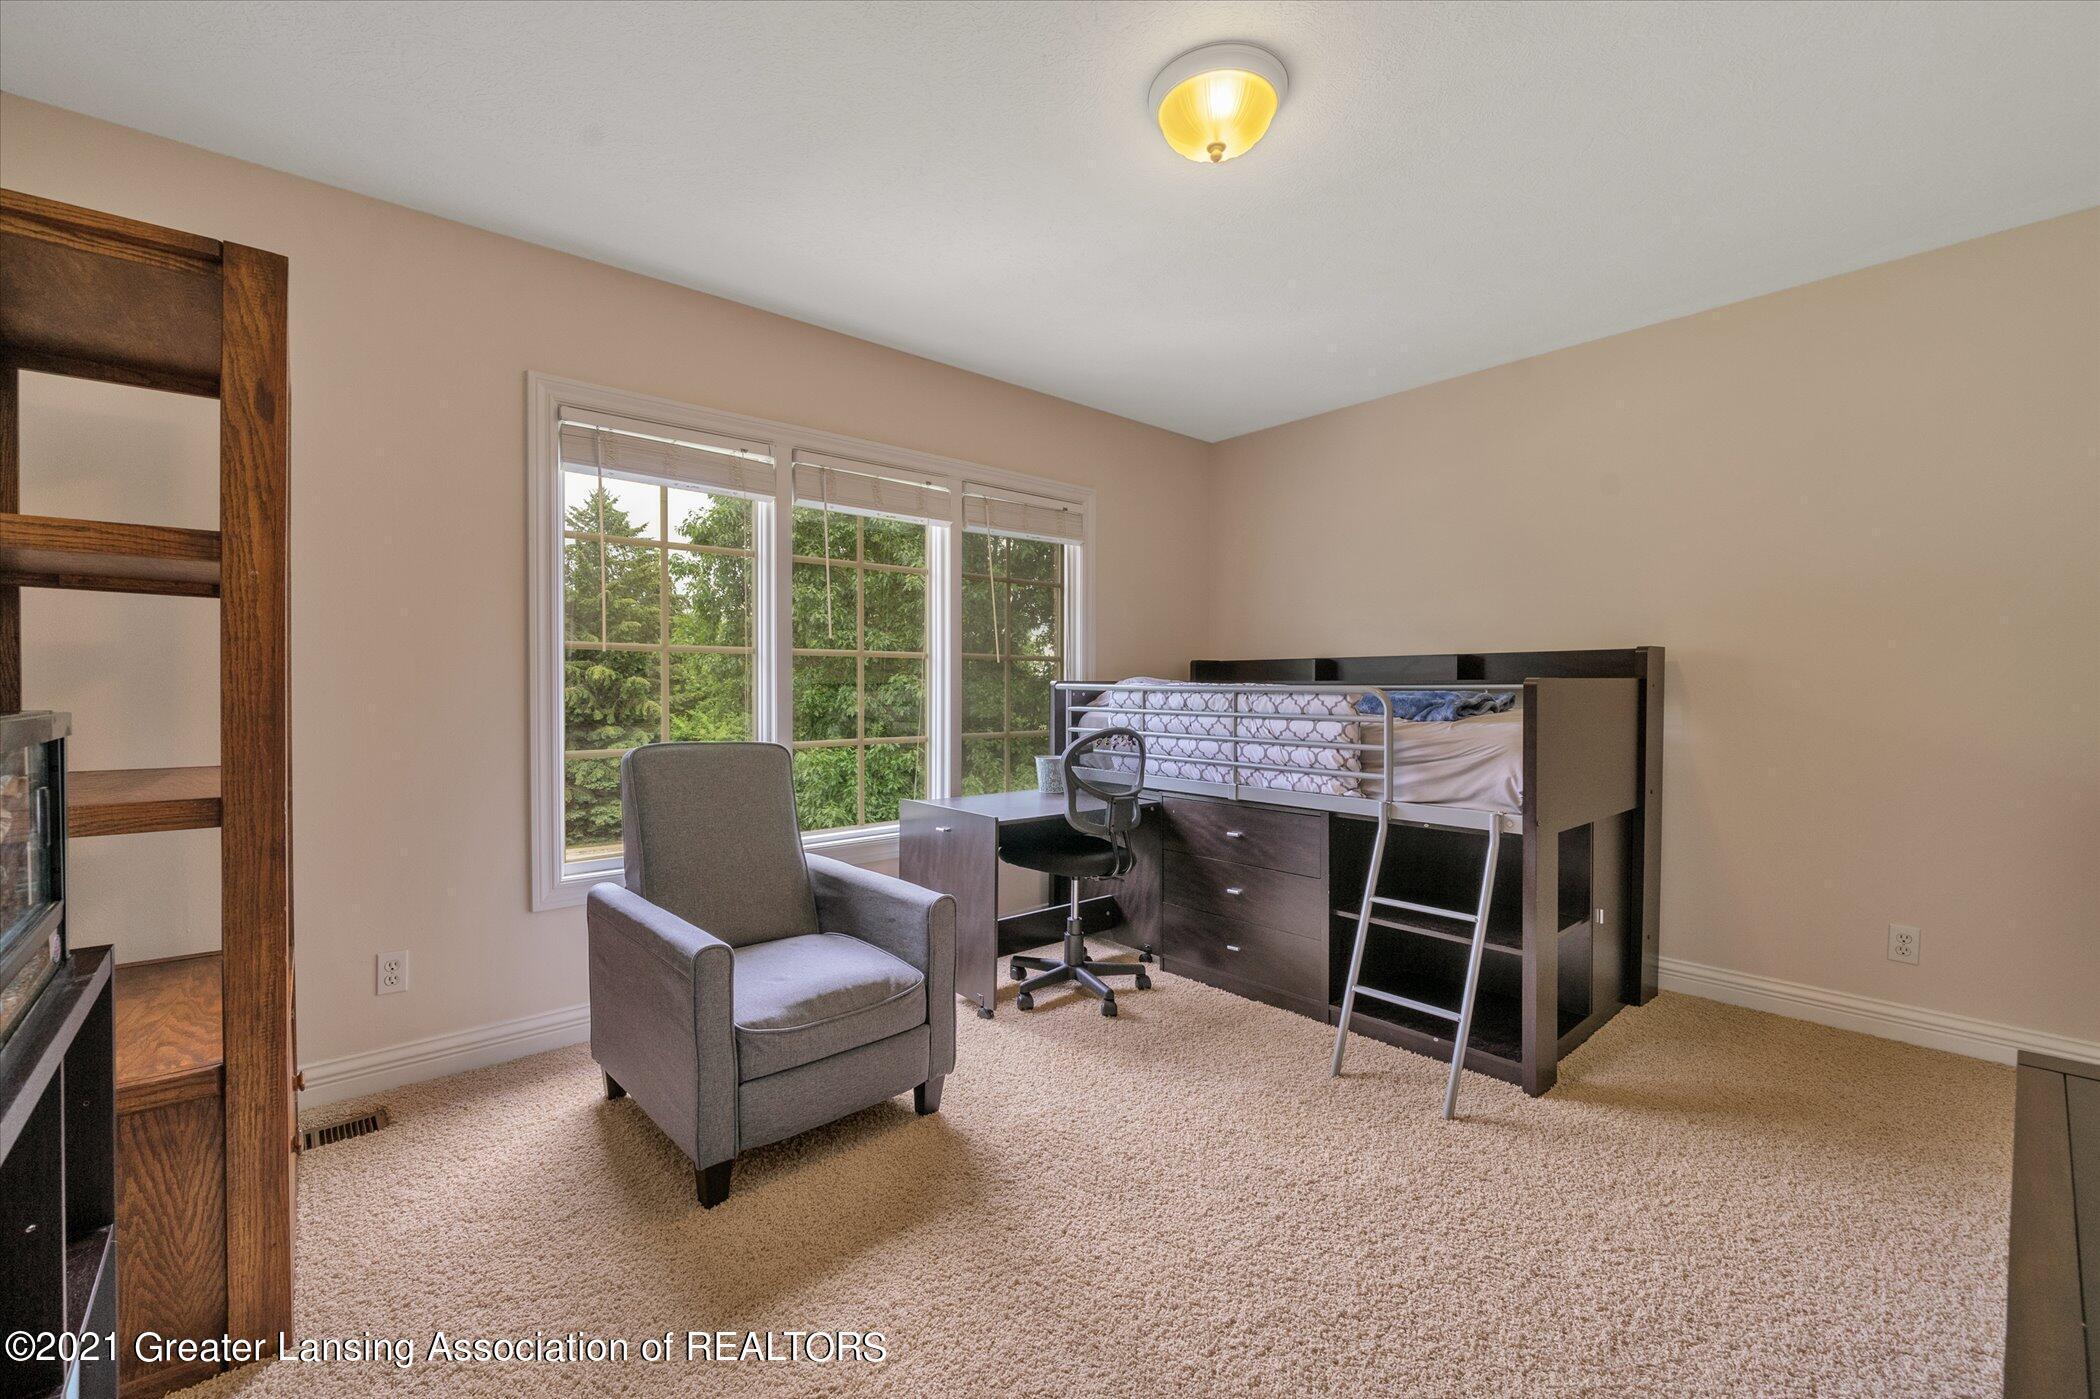 8100 Casandra Ln - UPPER LEVEL Bedroom 3 - 29